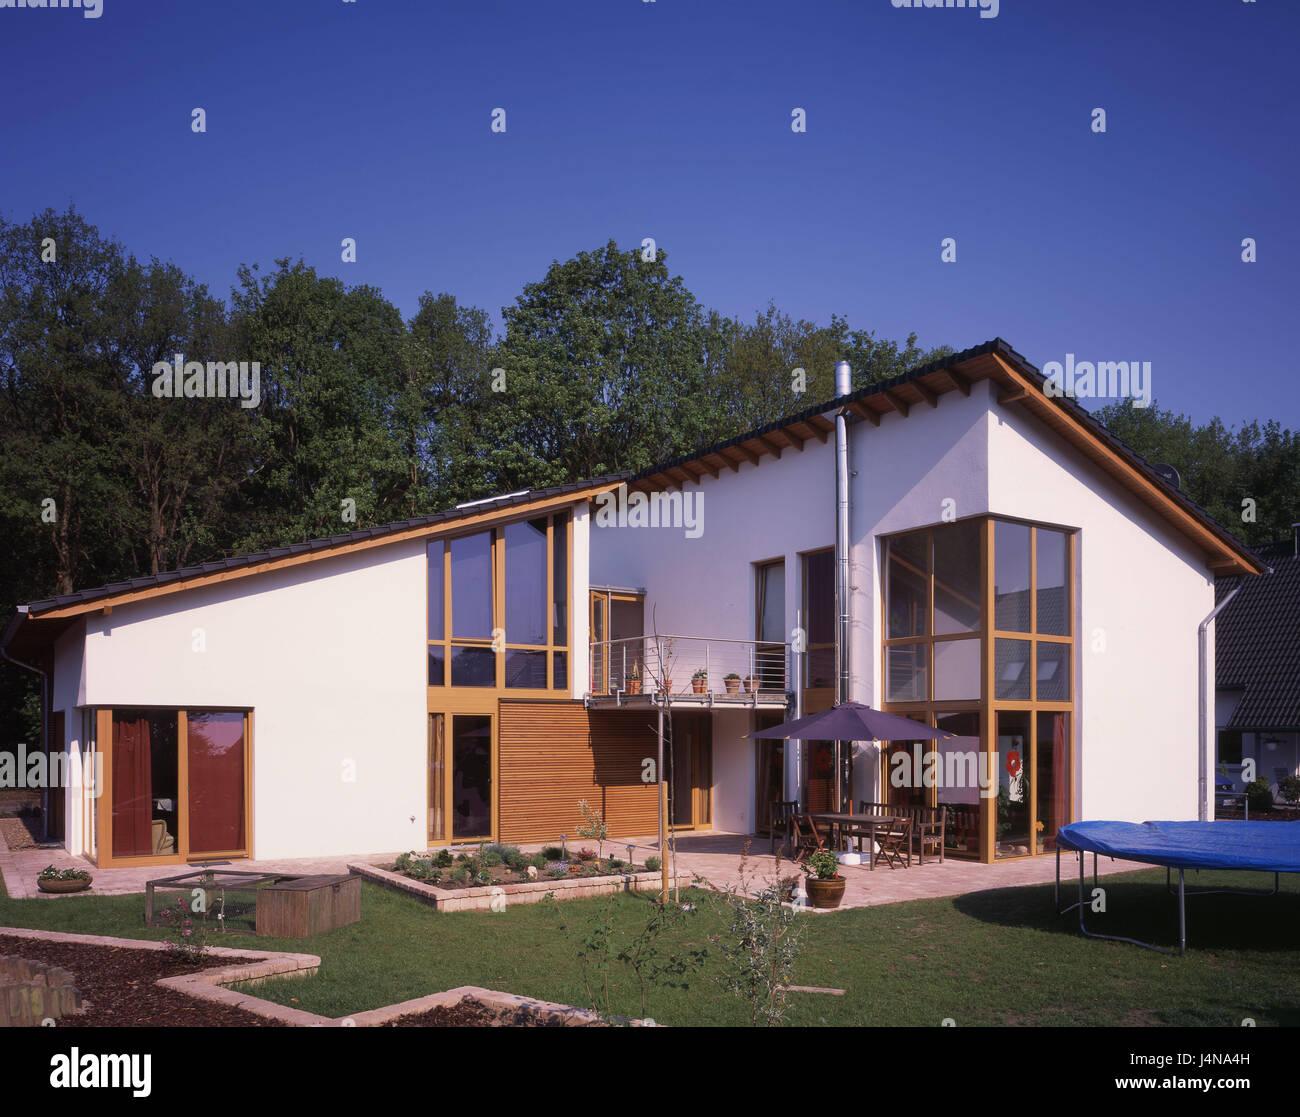 Einfamilienhaus Wohnung, Garten, Wohn-Haus, außen, Fenster, hell ...